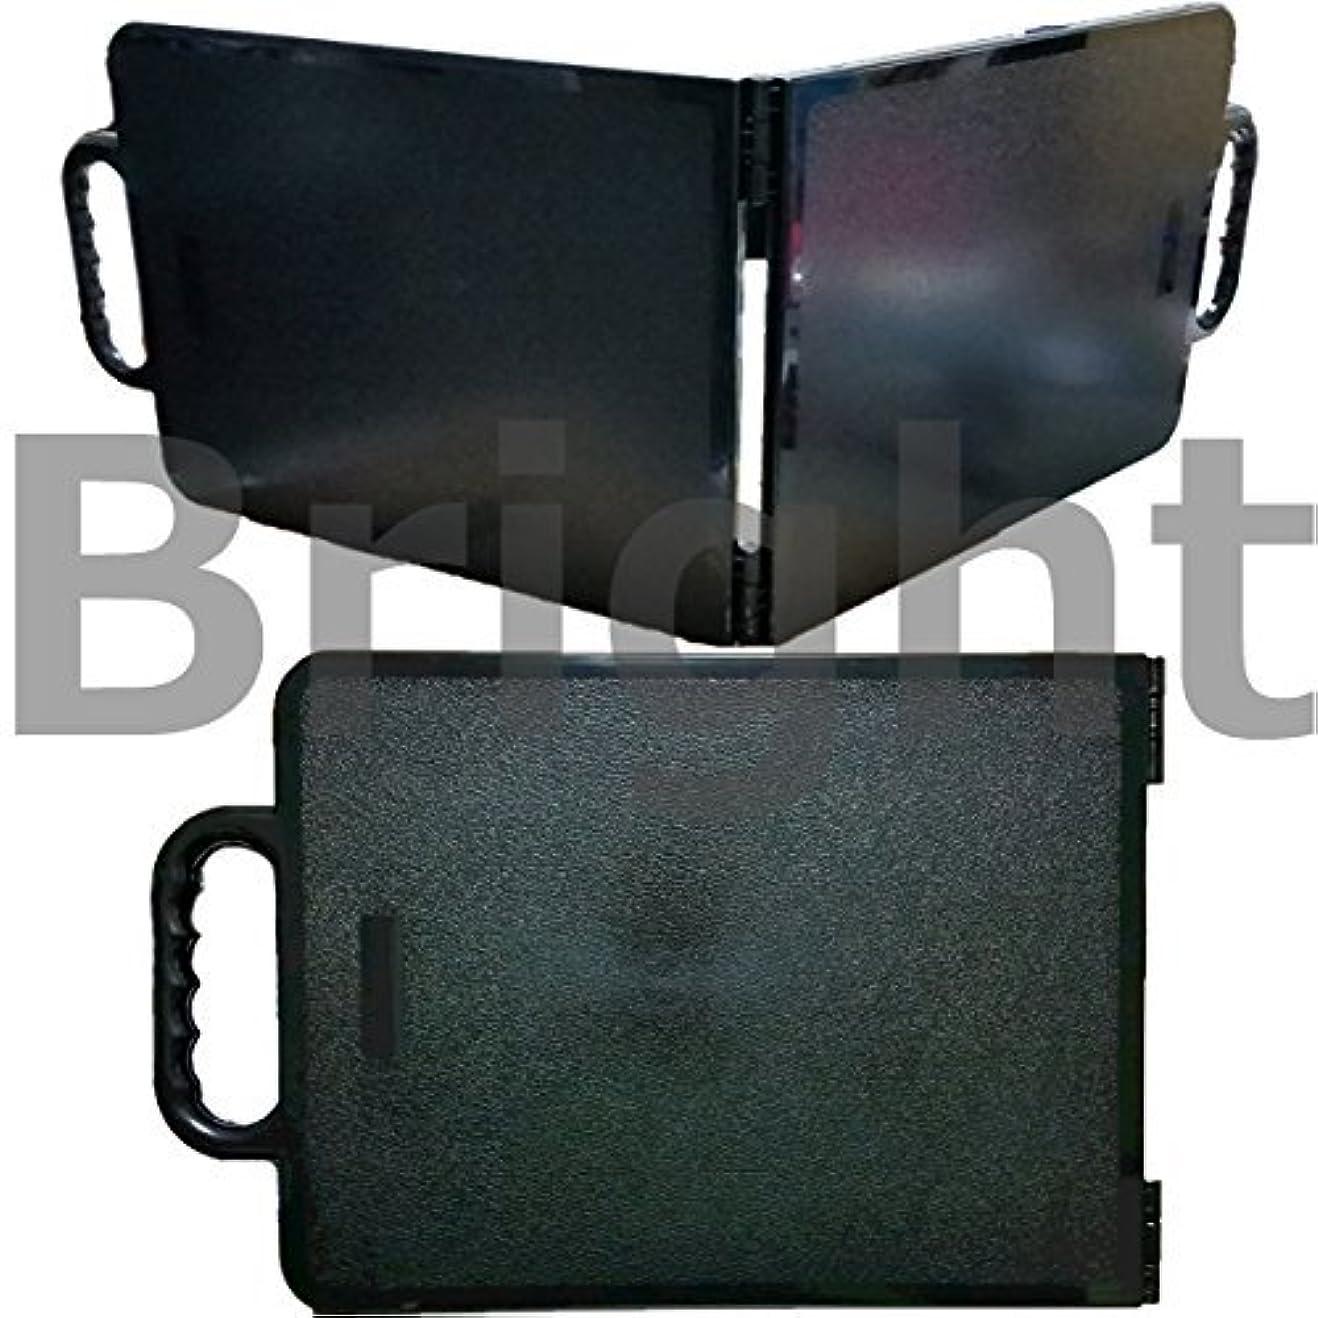 特殊タヒチ素晴らしい良い多くのTBG 2面 バ?クミラー QD ブラック